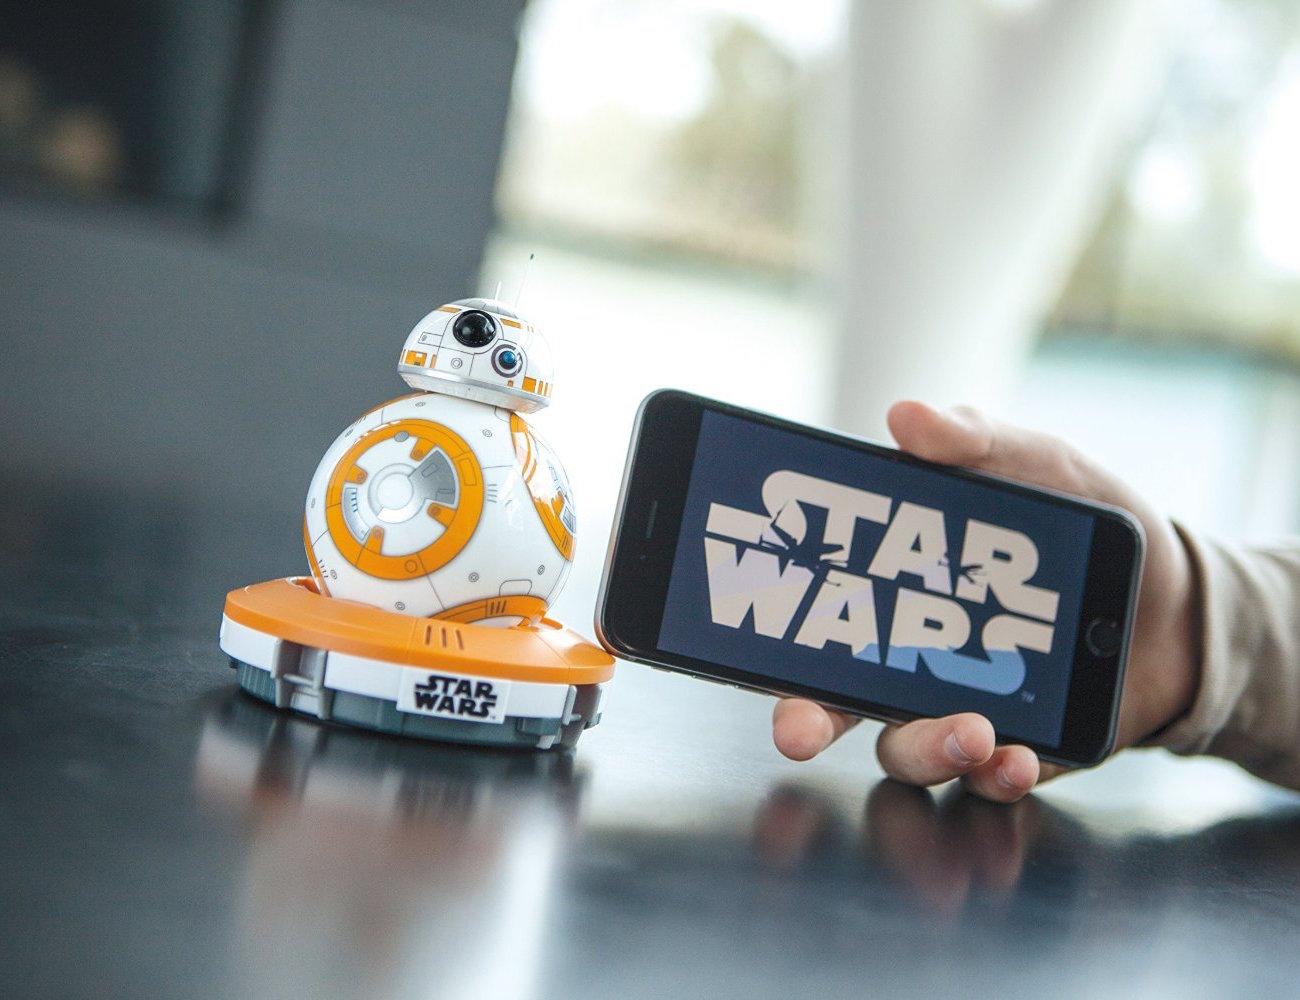 sphero-bb-8-ultimate-star-wars-droid03